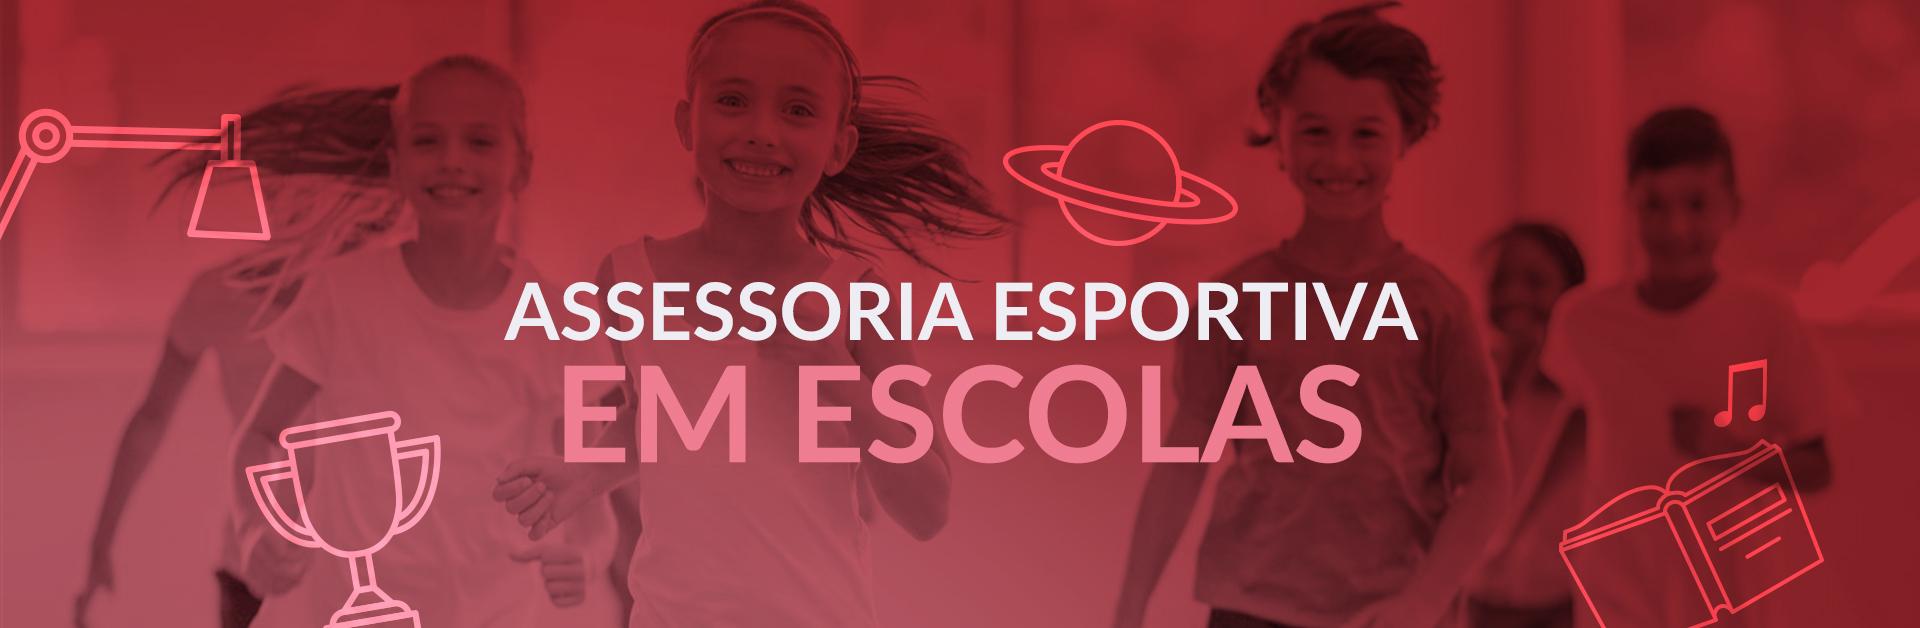 Assessoria esportiva para escolas